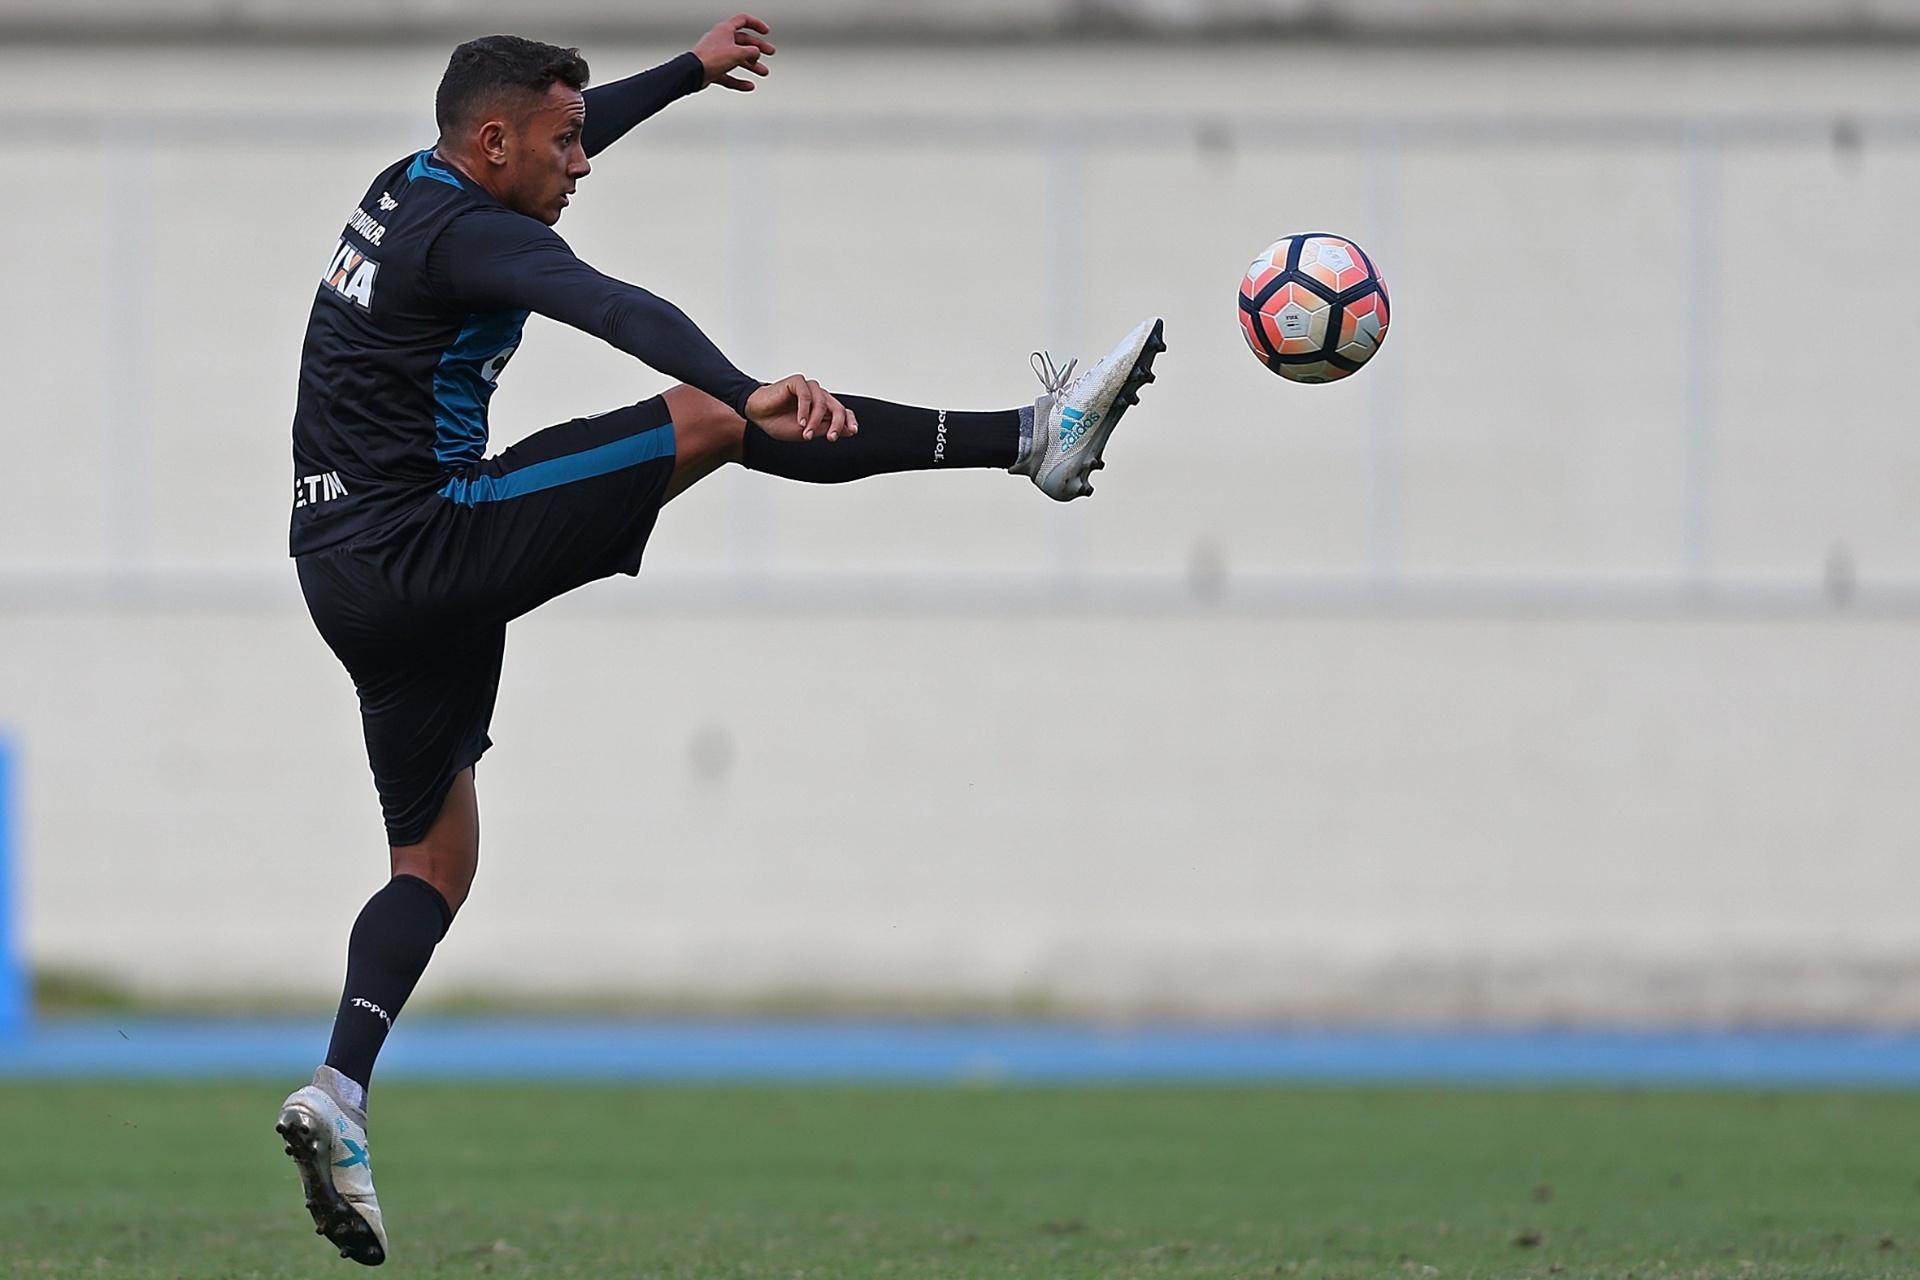 Renan Gorne fala sobre volta ao Botafogo após empréstimo  consegui evoluir  - 13 11 2017 - UOL Esporte 6b53f31002774